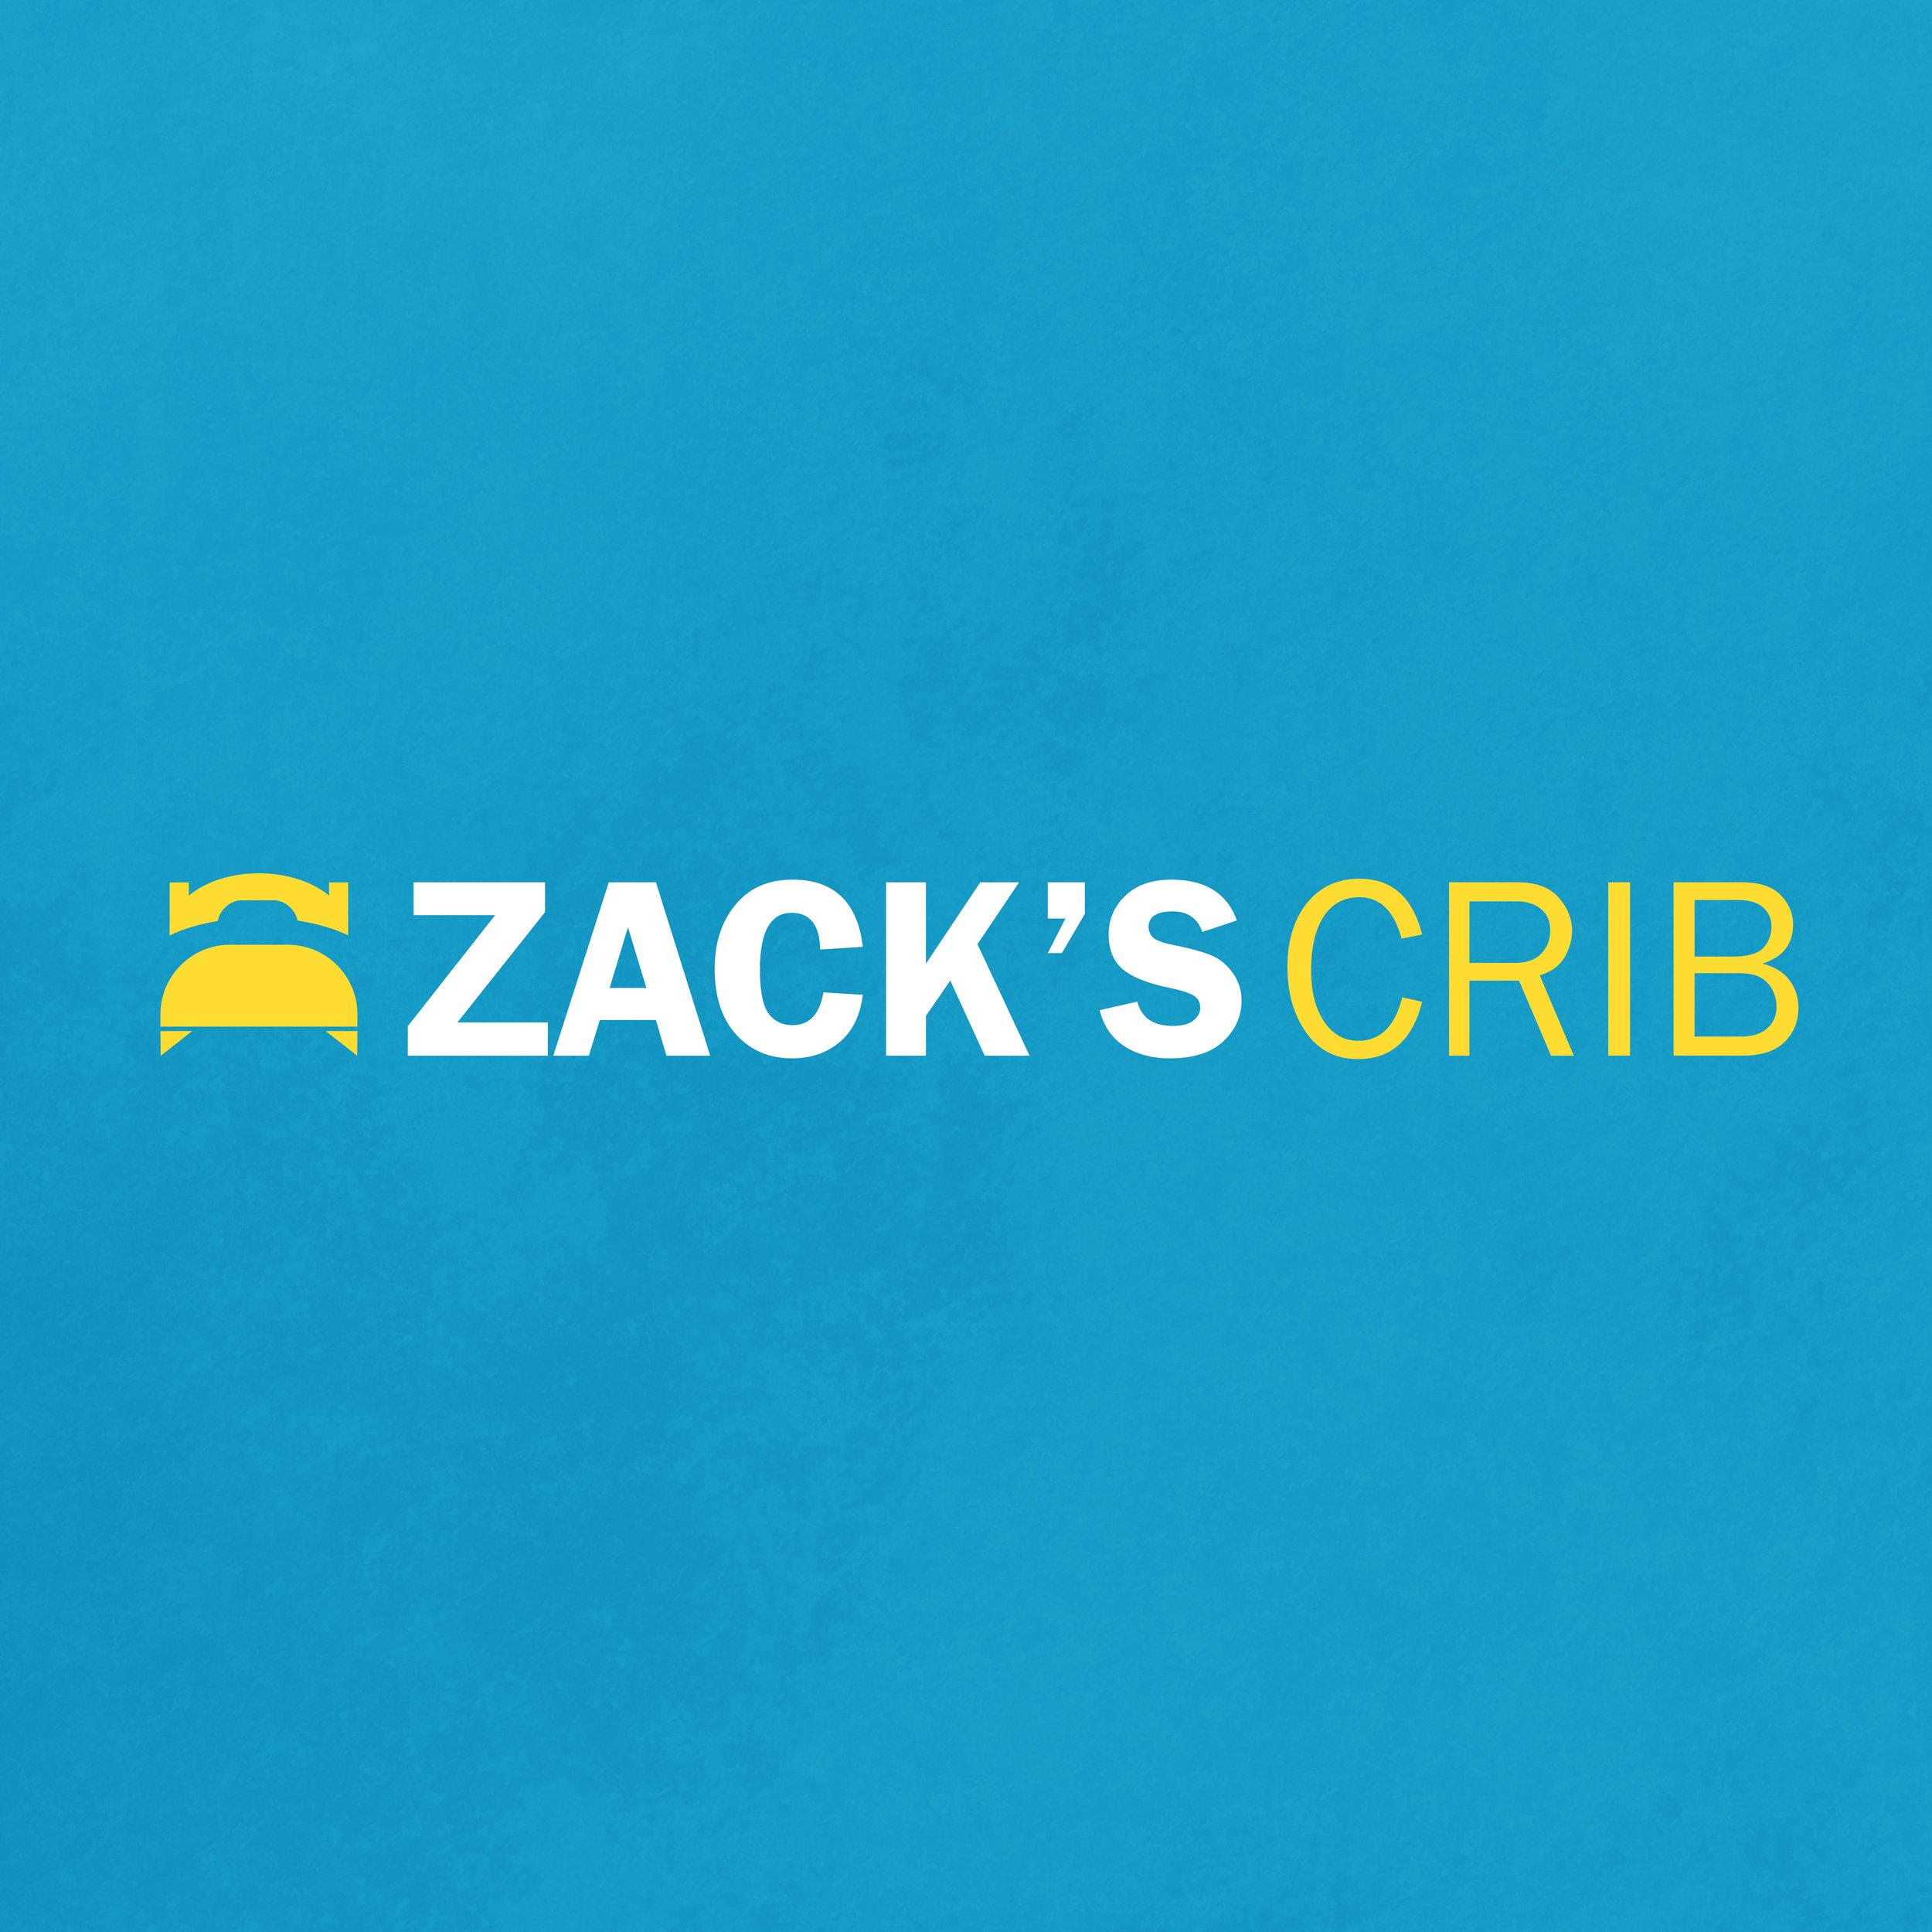 zackscrib.jpg